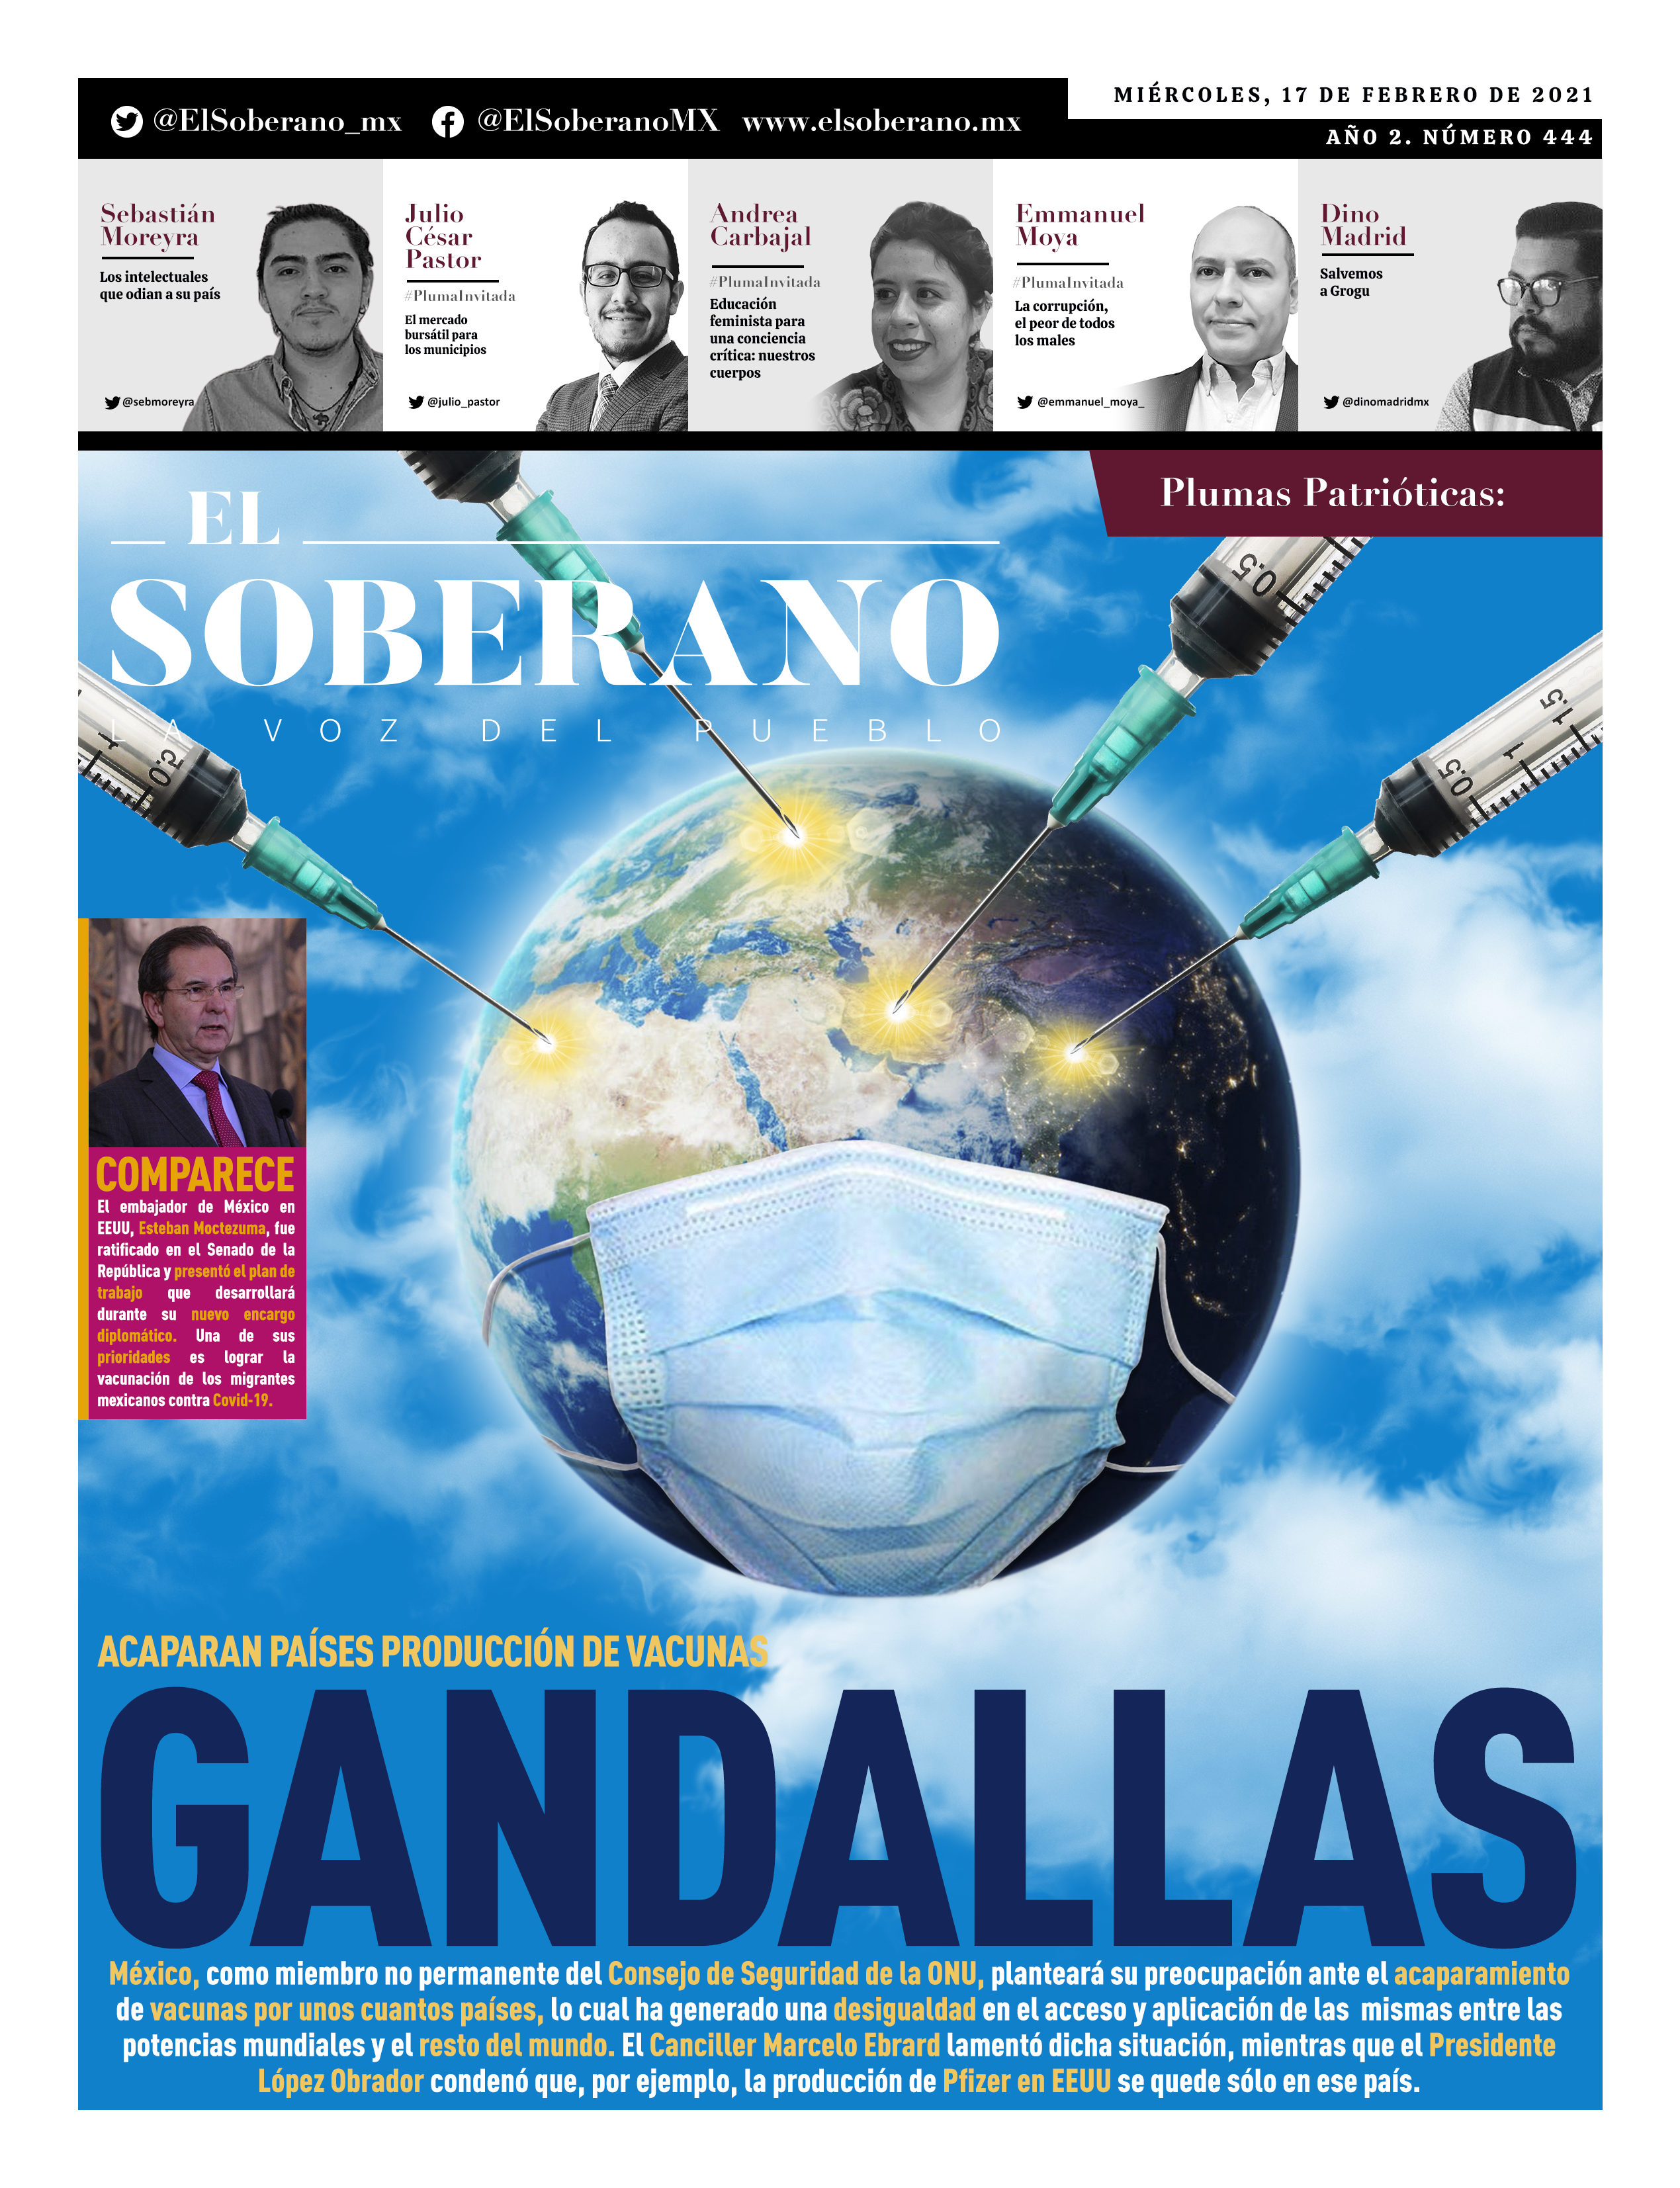 Acaparan países producción de vacunas GANDALLAS